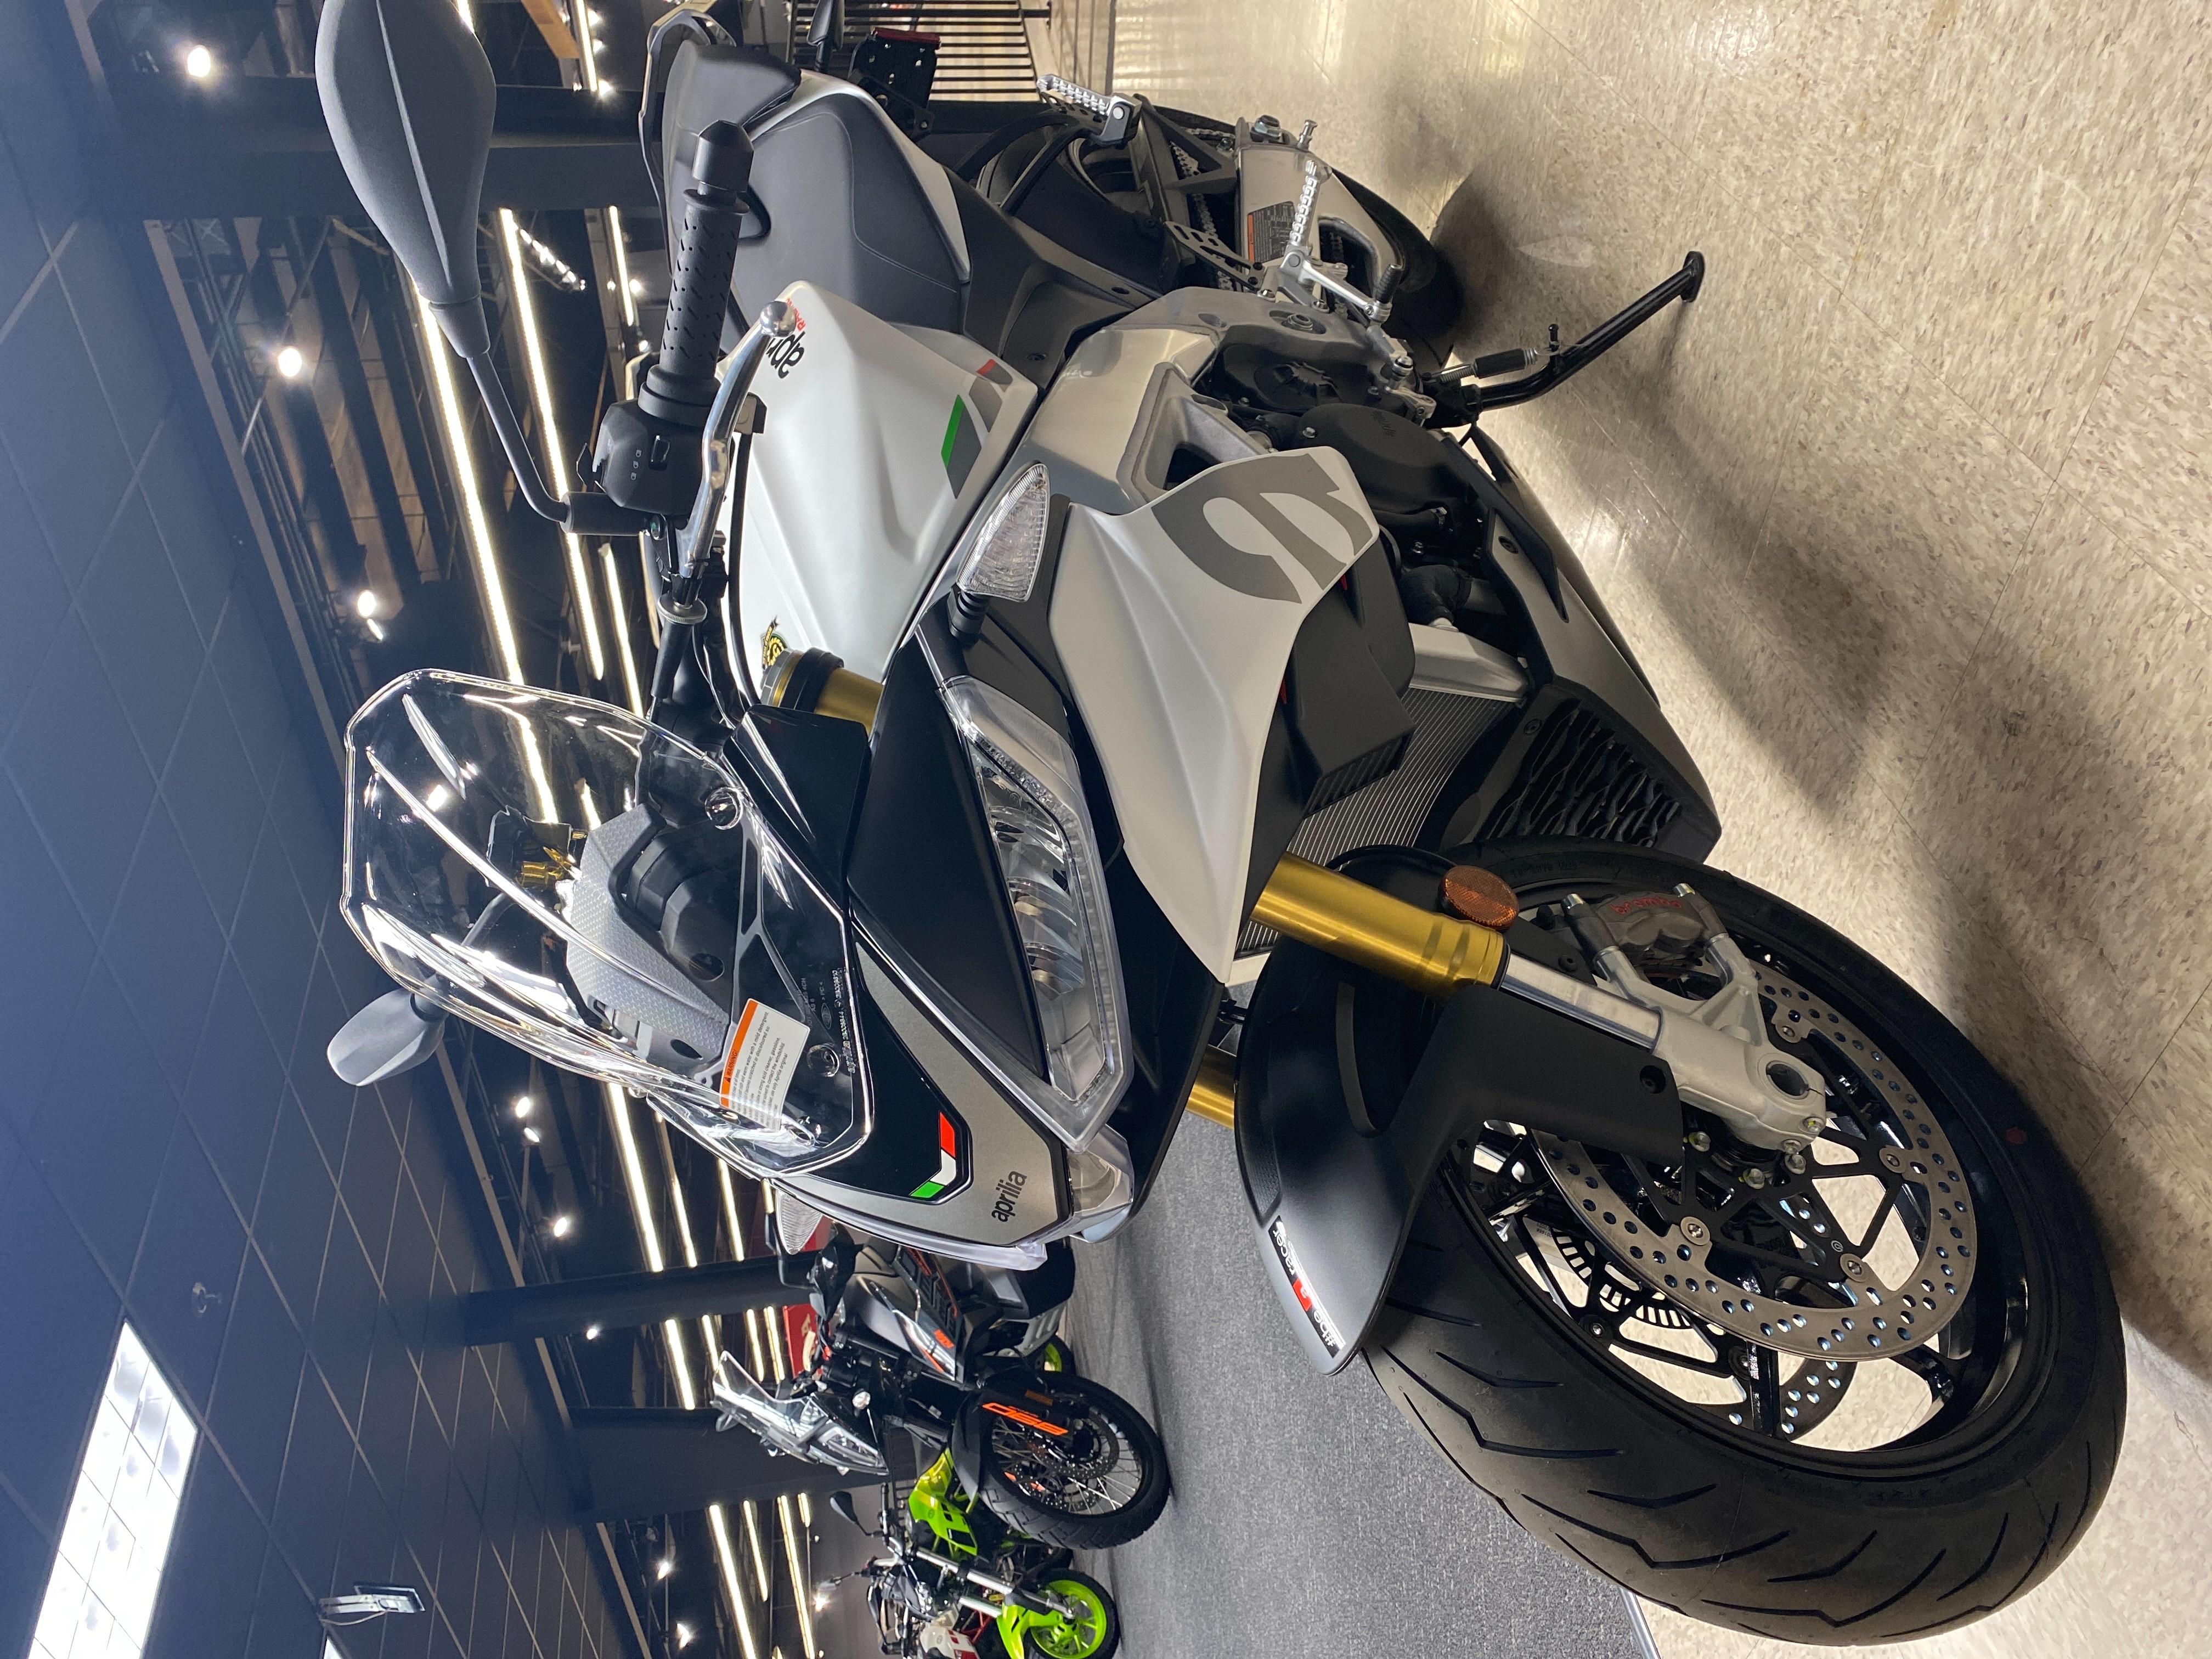 2021 Aprilia Tuono V4 1100 at Sloans Motorcycle ATV, Murfreesboro, TN, 37129